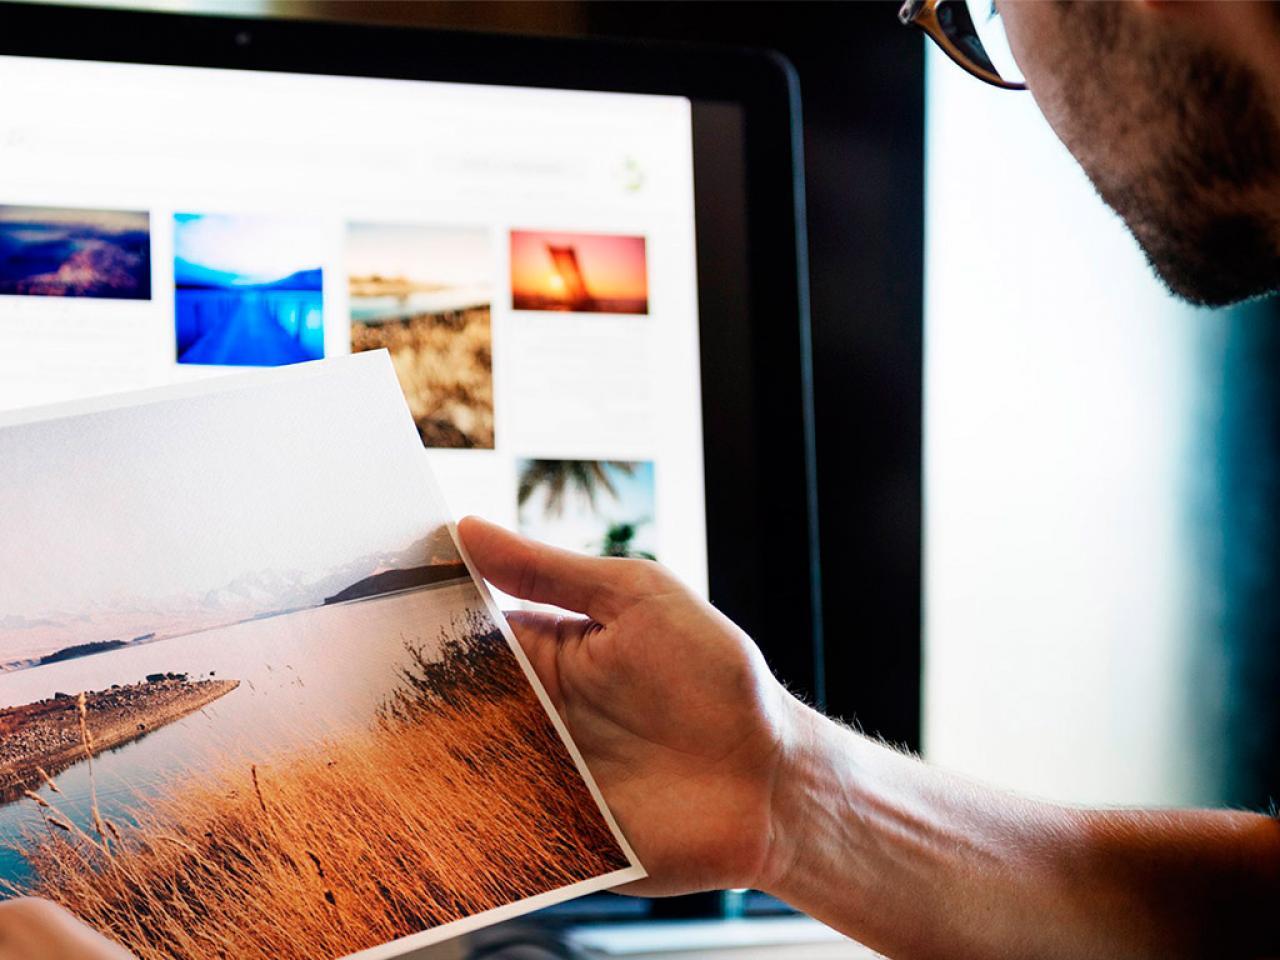 Imagen de Taller: Diseñador Gráfico - cosas que no te enseñaron en el instituto por Movidagrafica